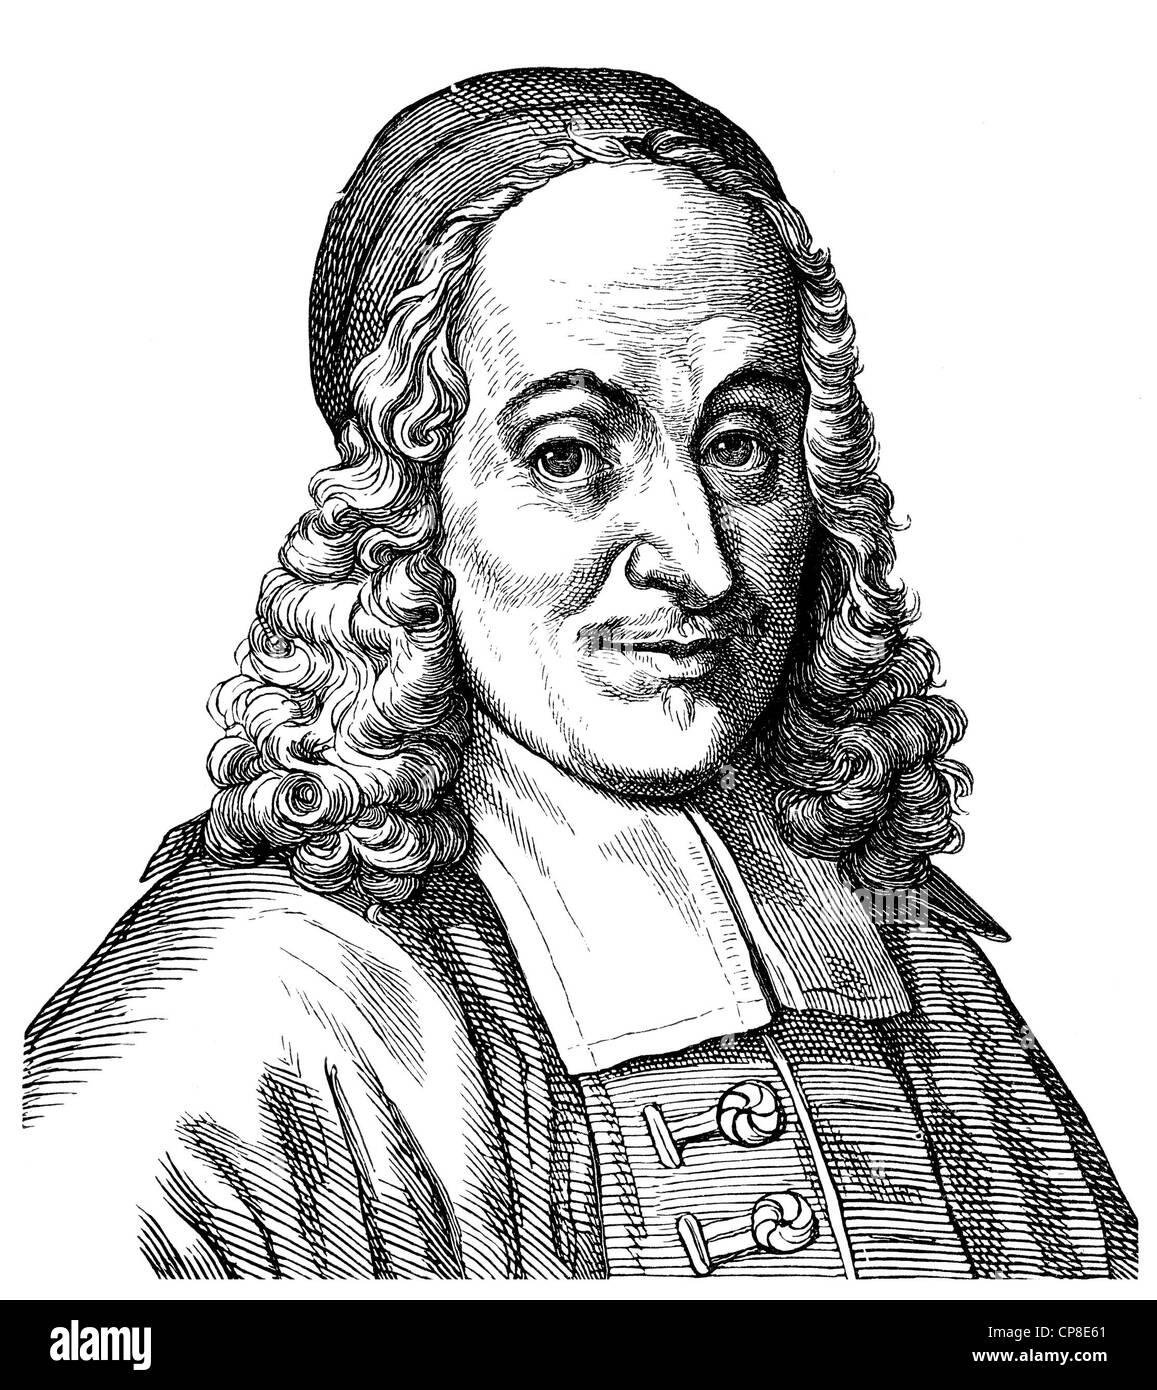 Philip Jacob Spener, 1685 - 1705, founder of Pietism, Historische Zeichnung aus dem 19. Jahrhundert, Portrait von - Stock Image